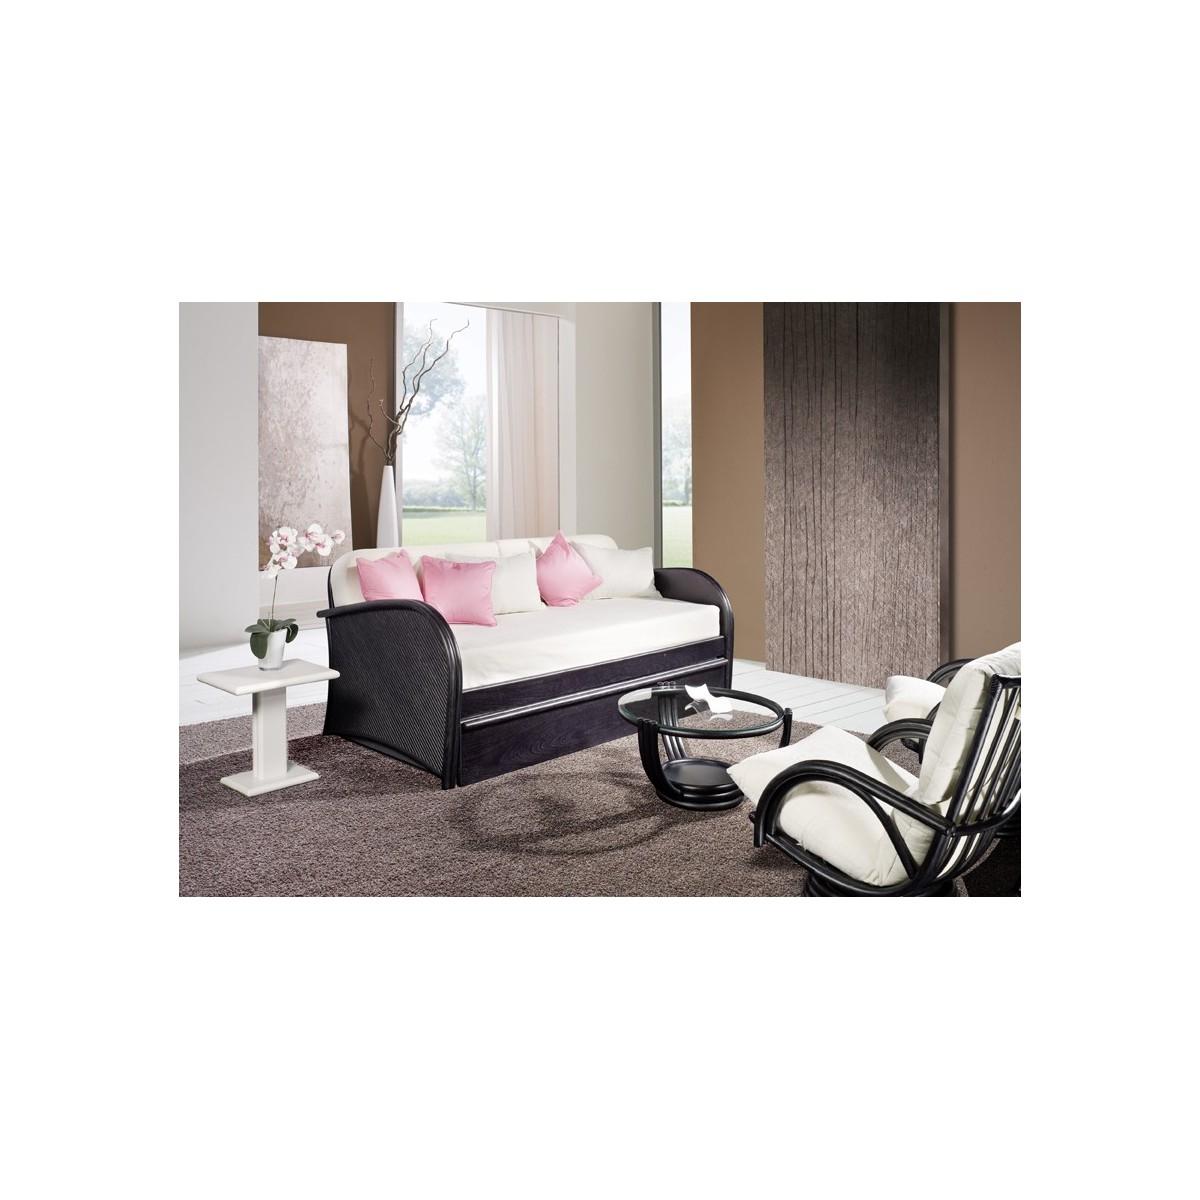 lit gigogne en rotin. Black Bedroom Furniture Sets. Home Design Ideas